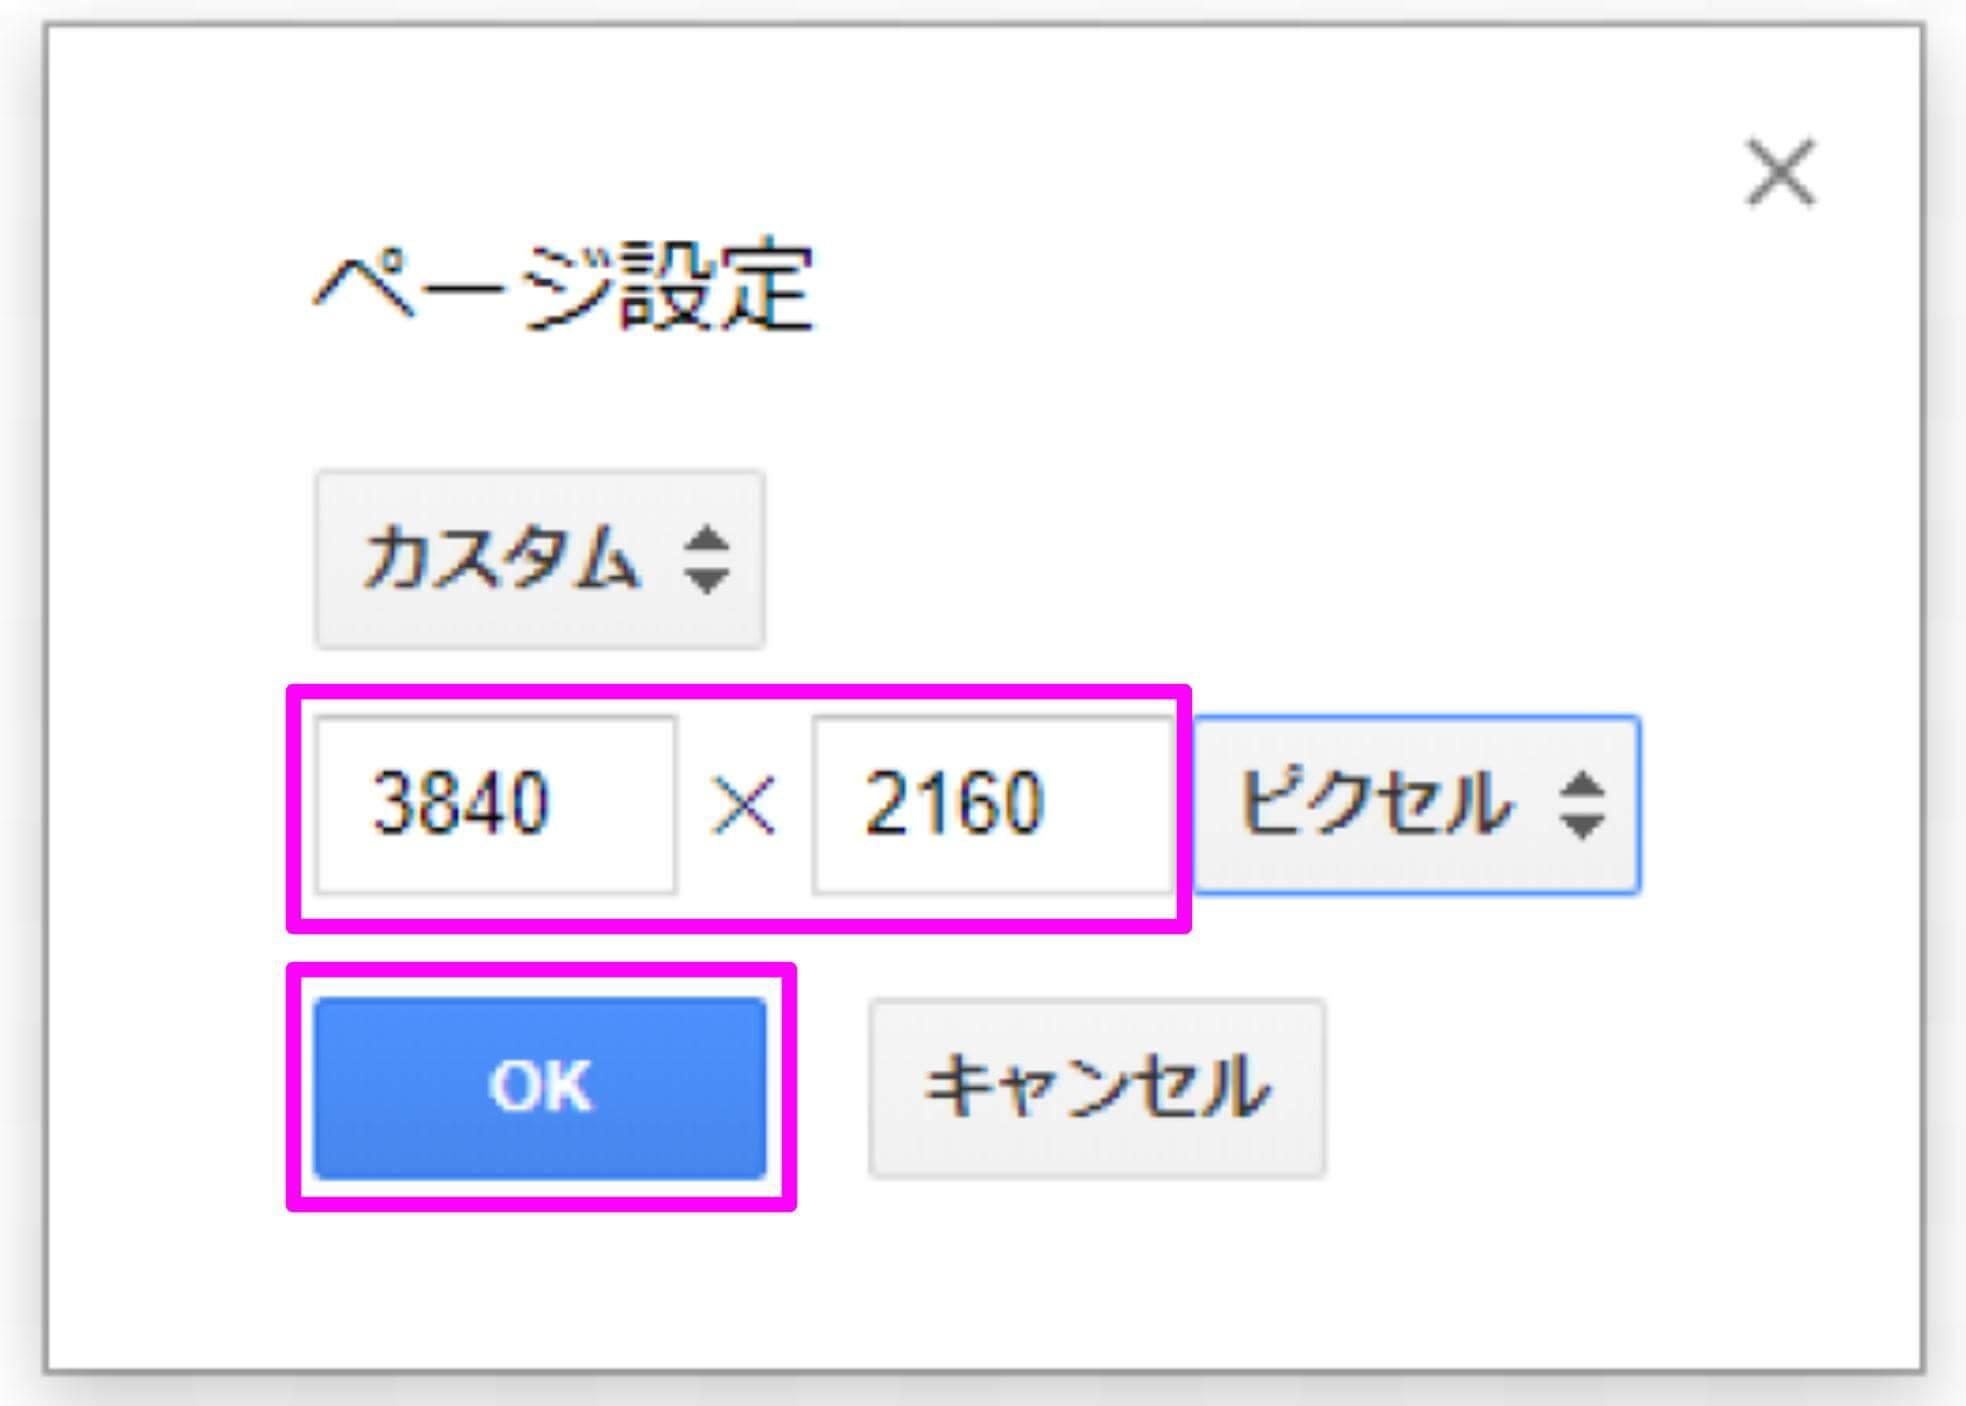 Google図形描画 ページ設定→カスタム→ピクセル